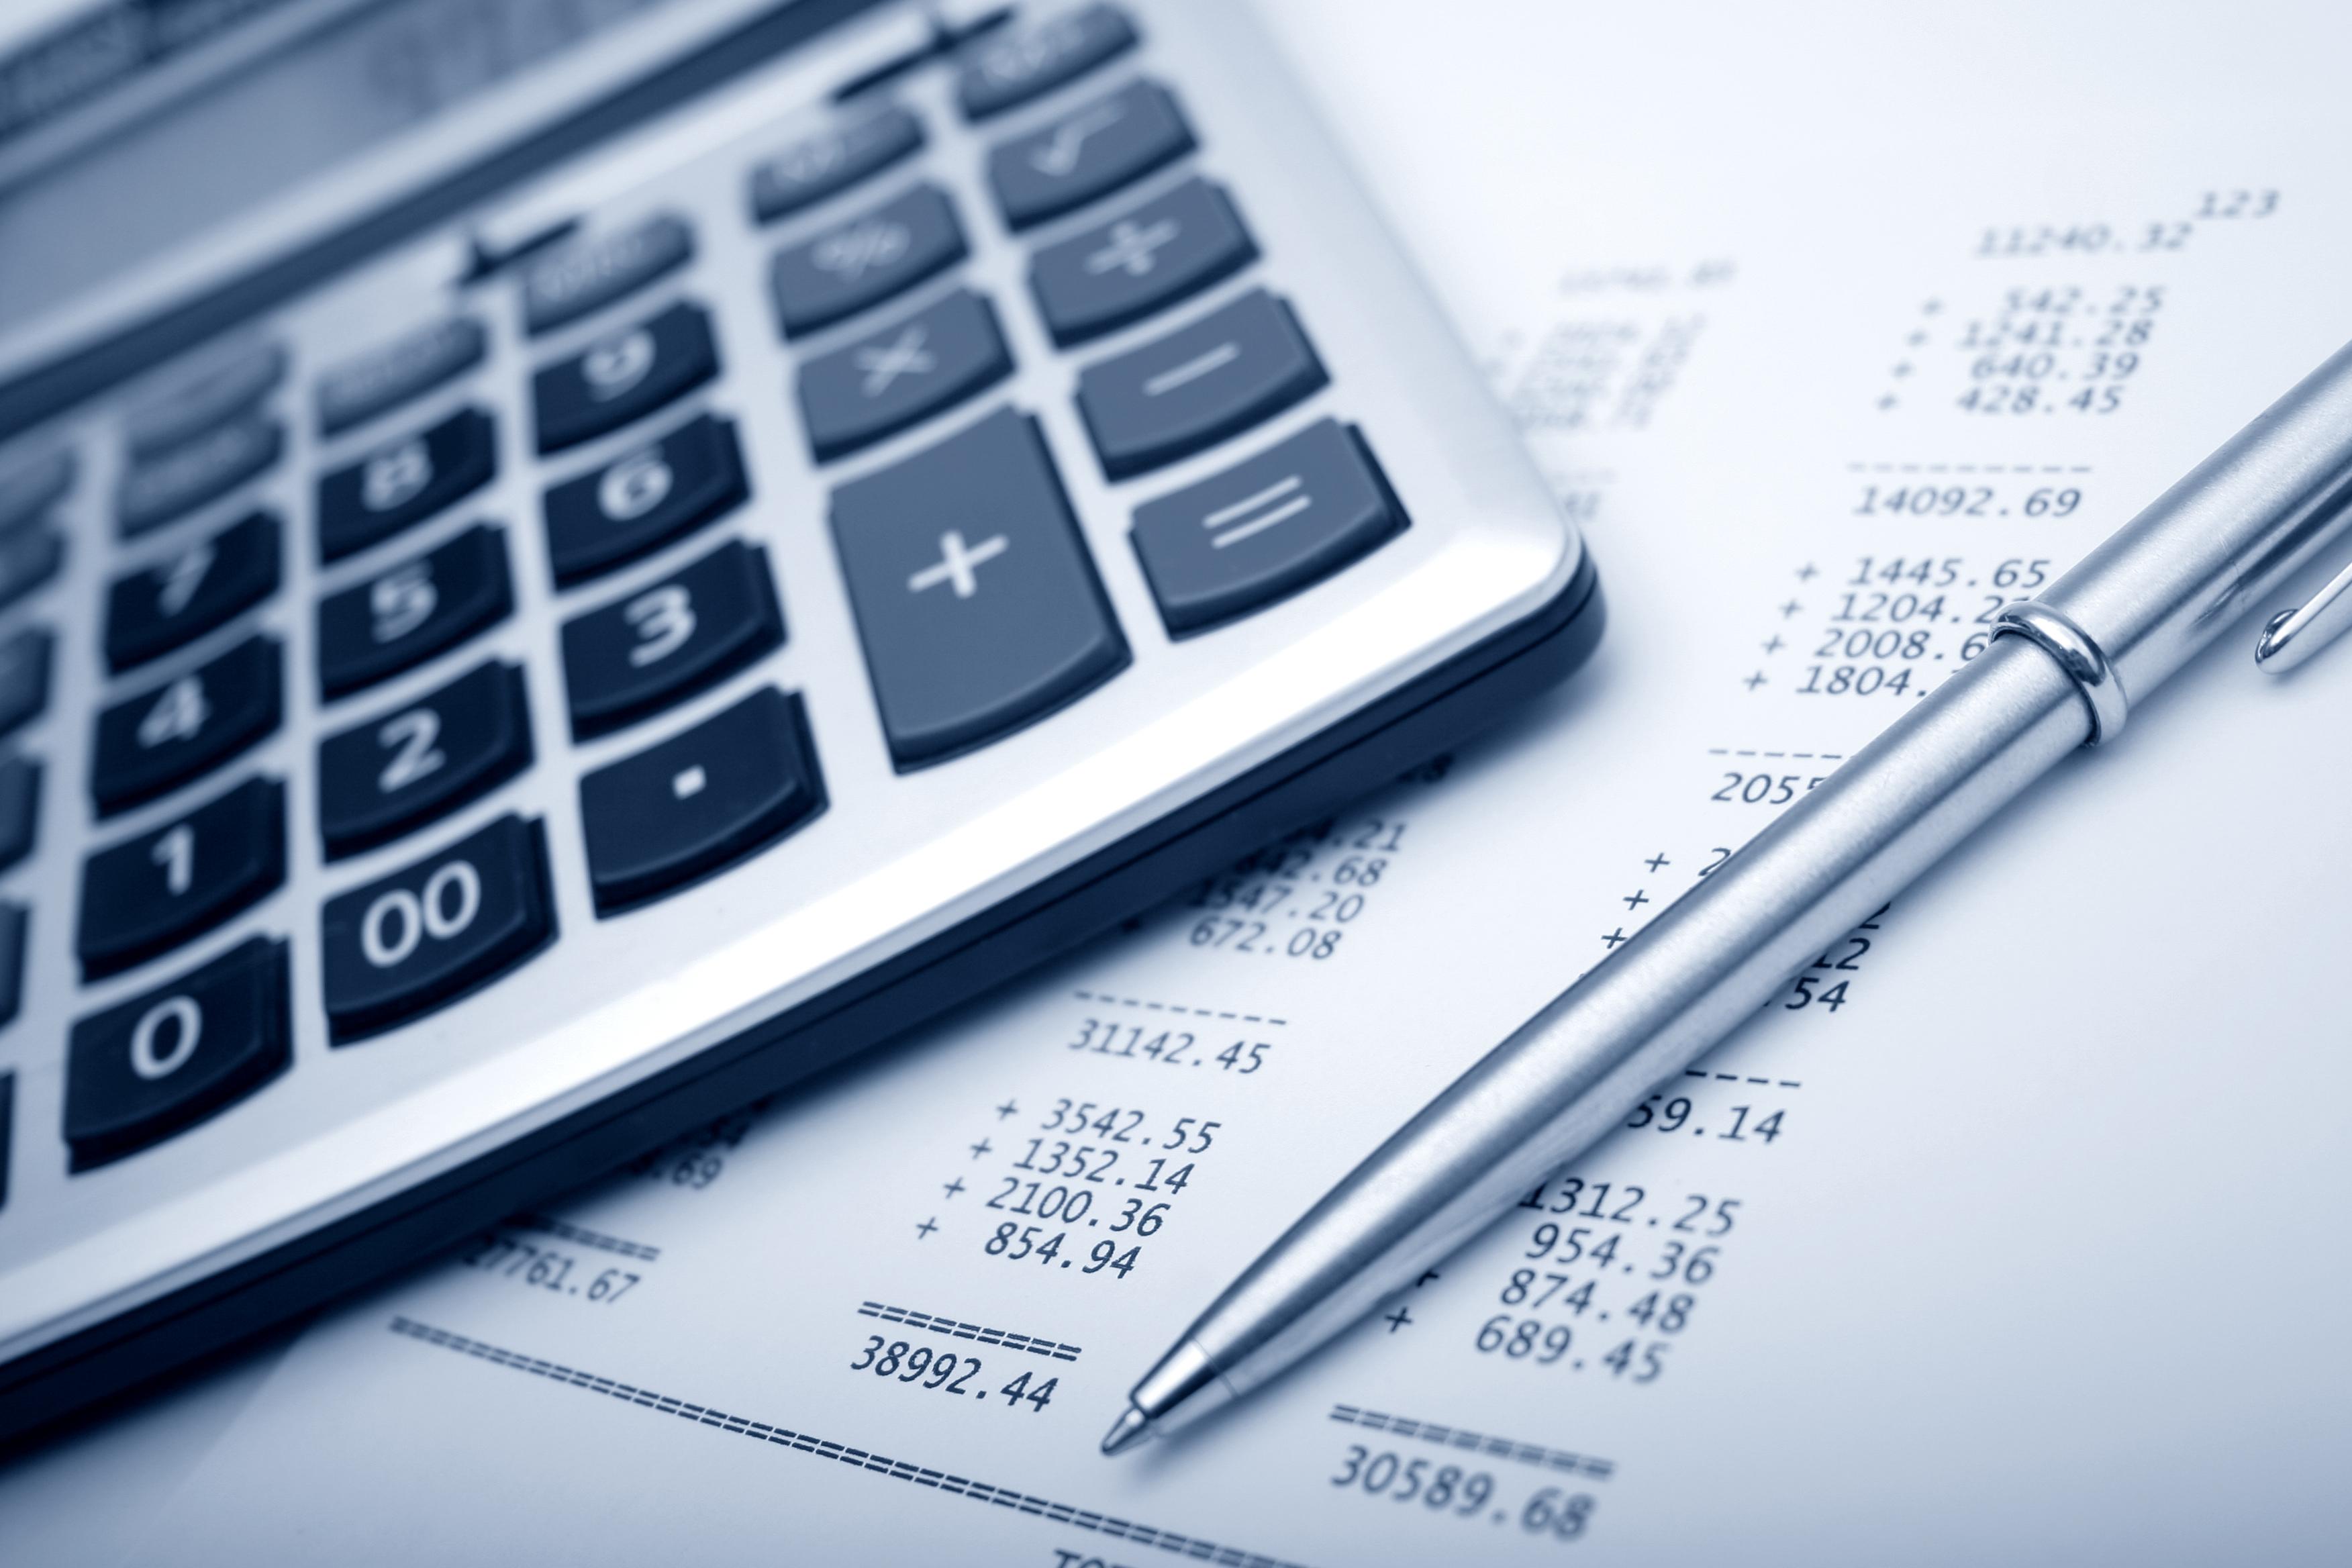 2019թ. հունվար-նոյեմբերին Հայաստանում միջին ամսական անվանական աշխատավարձը կազմել է 178,885 դրամ